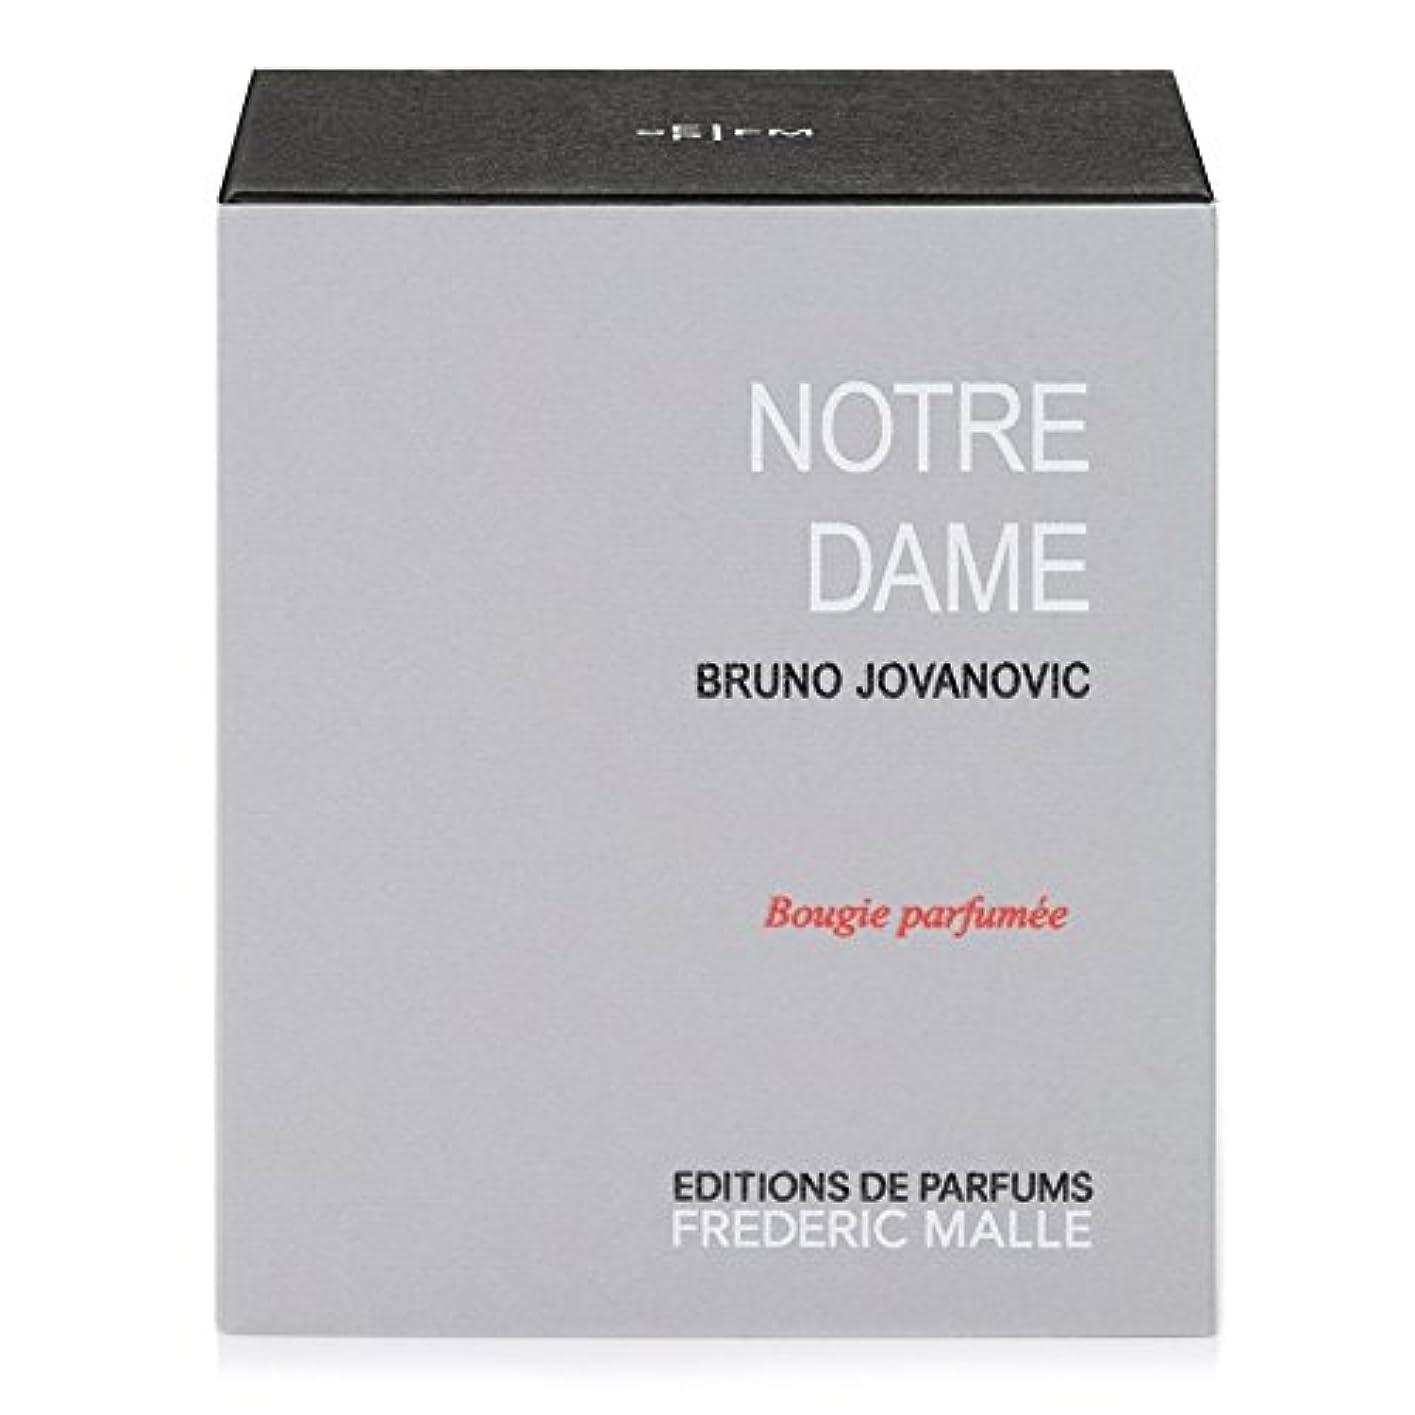 リップ赤字解凍する、雪解け、霜解けFrederic Malle Notre Dame Scented Candle 220g (Pack of 4) - フレデリック?マルノートルダム香りのキャンドル220グラム x4 [並行輸入品]